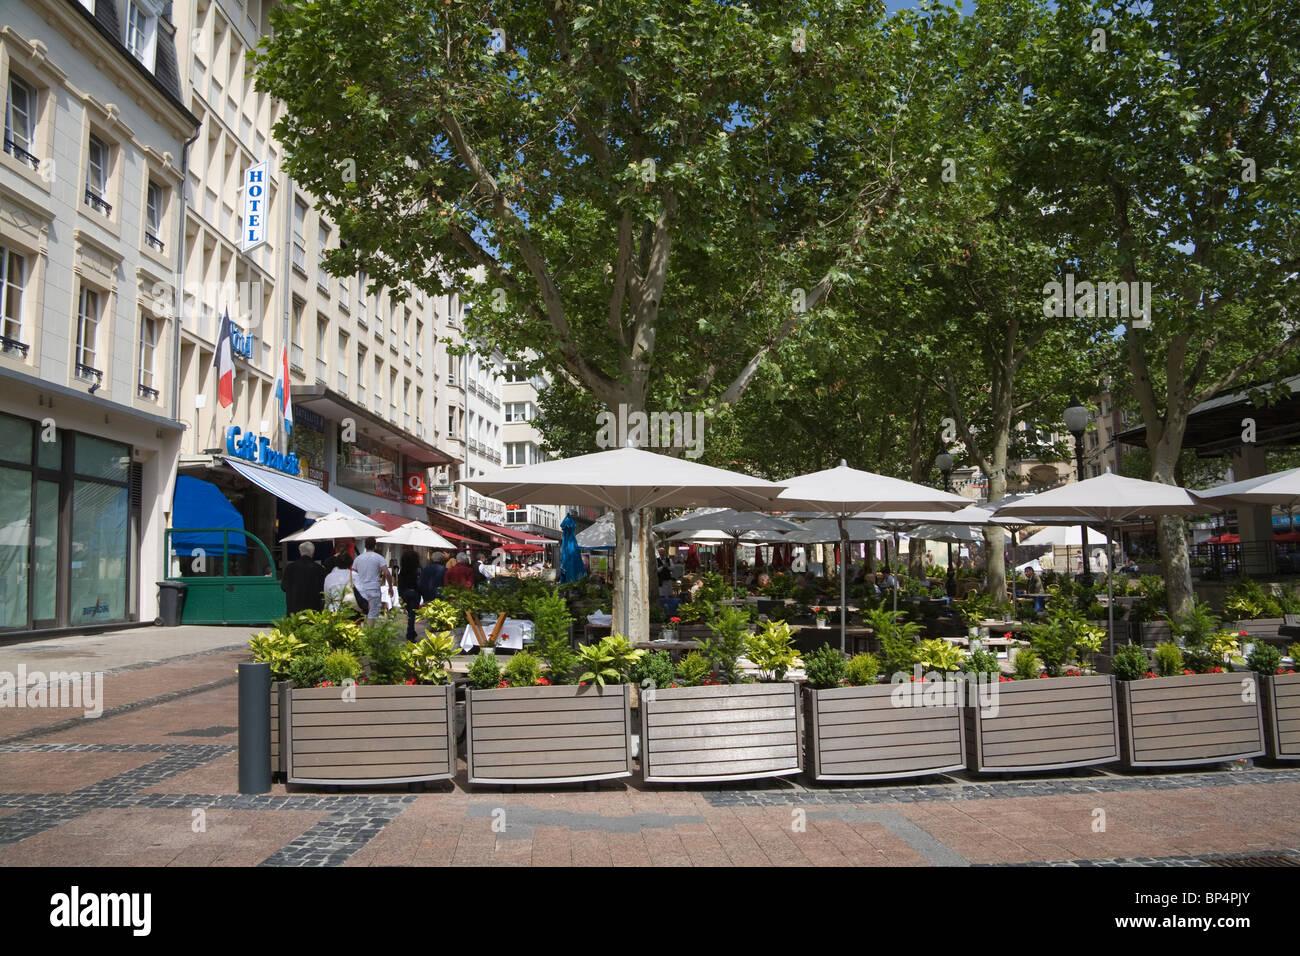 La Ville de Luxembourg Europe EU Open Air cafe francais dans la zone piétonne de la Place d'Armes Photo Stock